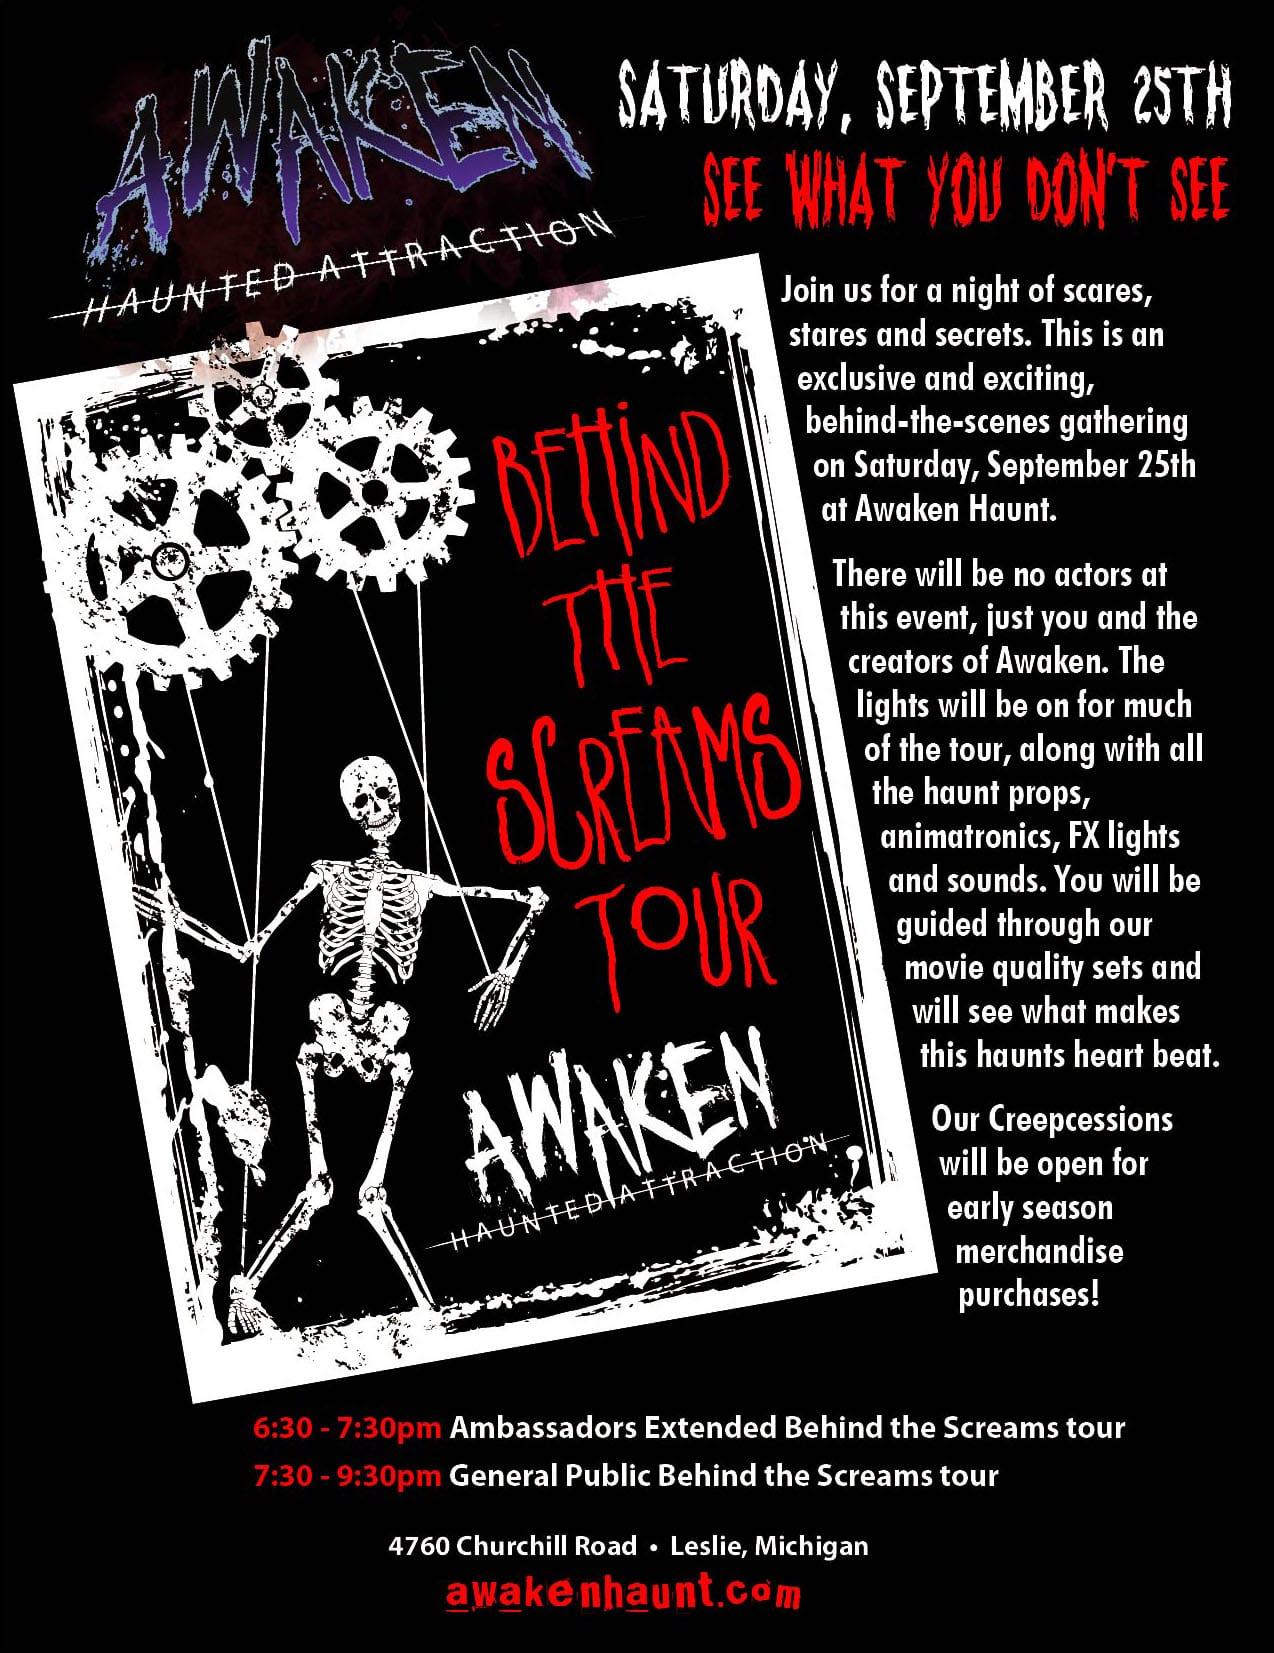 Behind the Screams invite